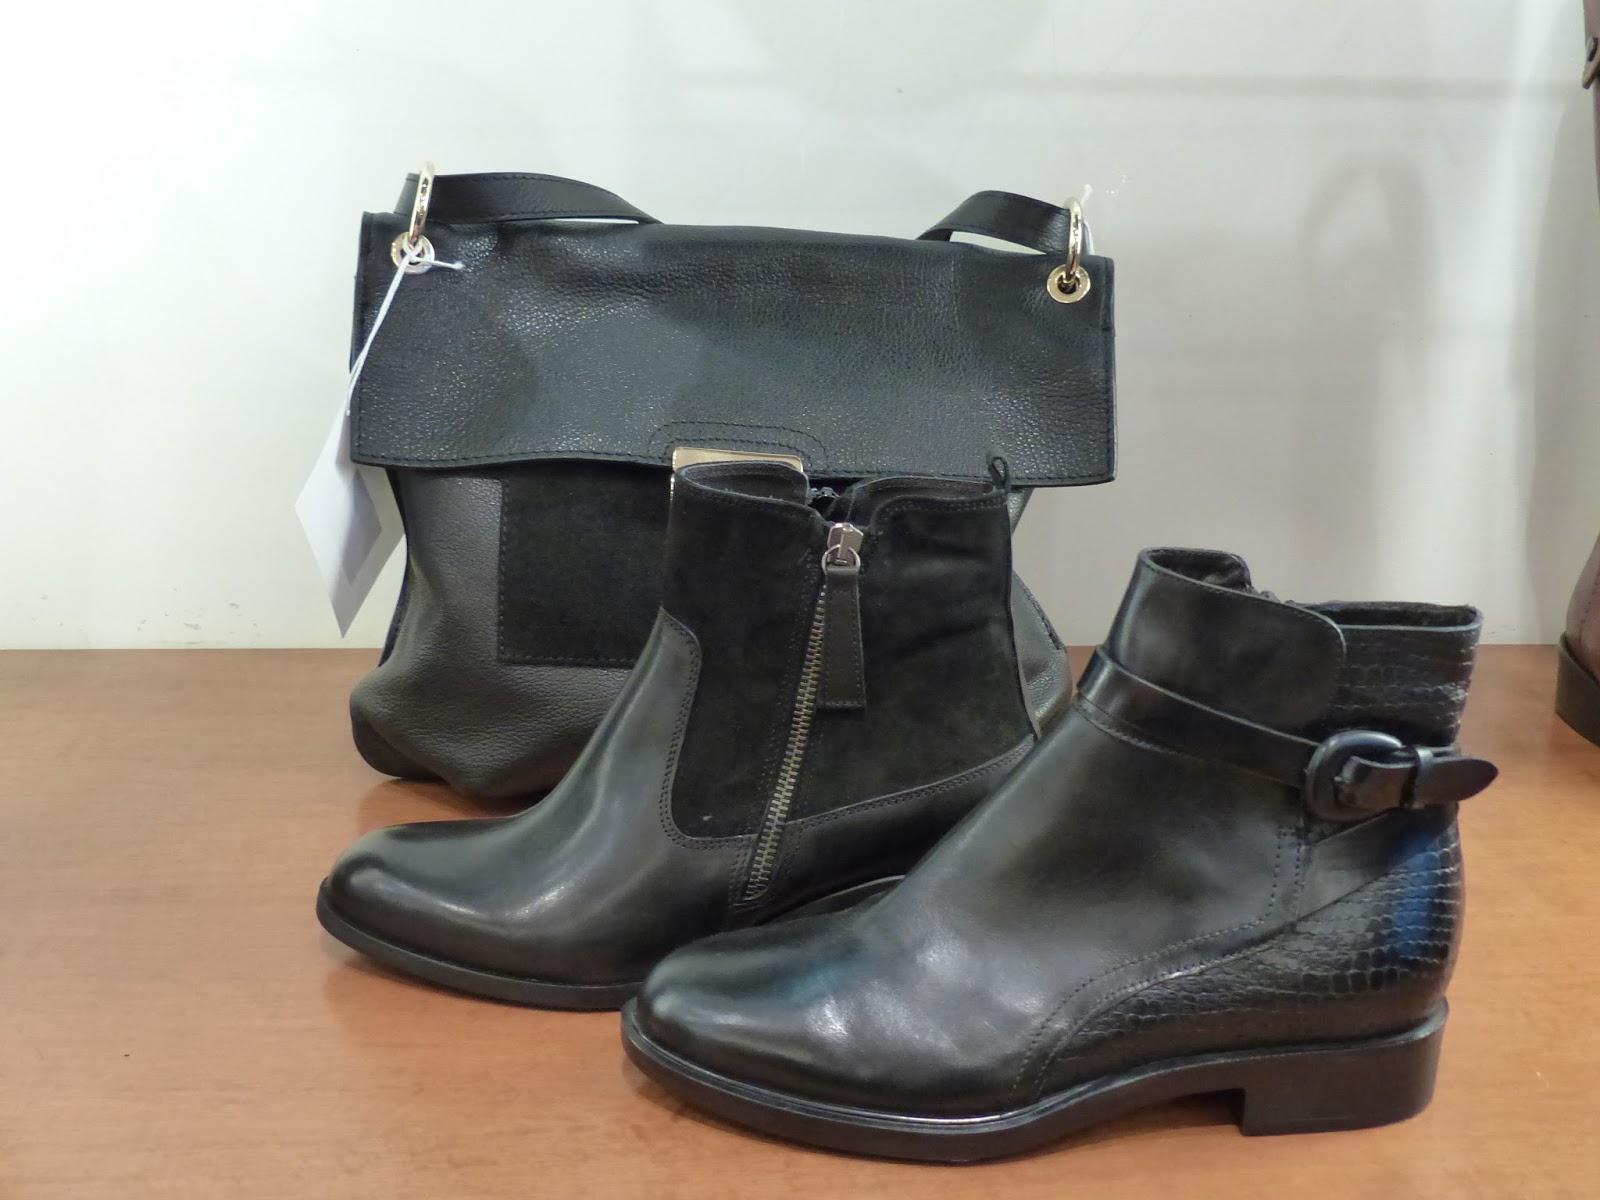 1692d58b2f159 Cette marque est réputée pour la qualité et le confort de ses chaussures,  la souplesse des peausseries et le sérieux de sa fabrication et ...